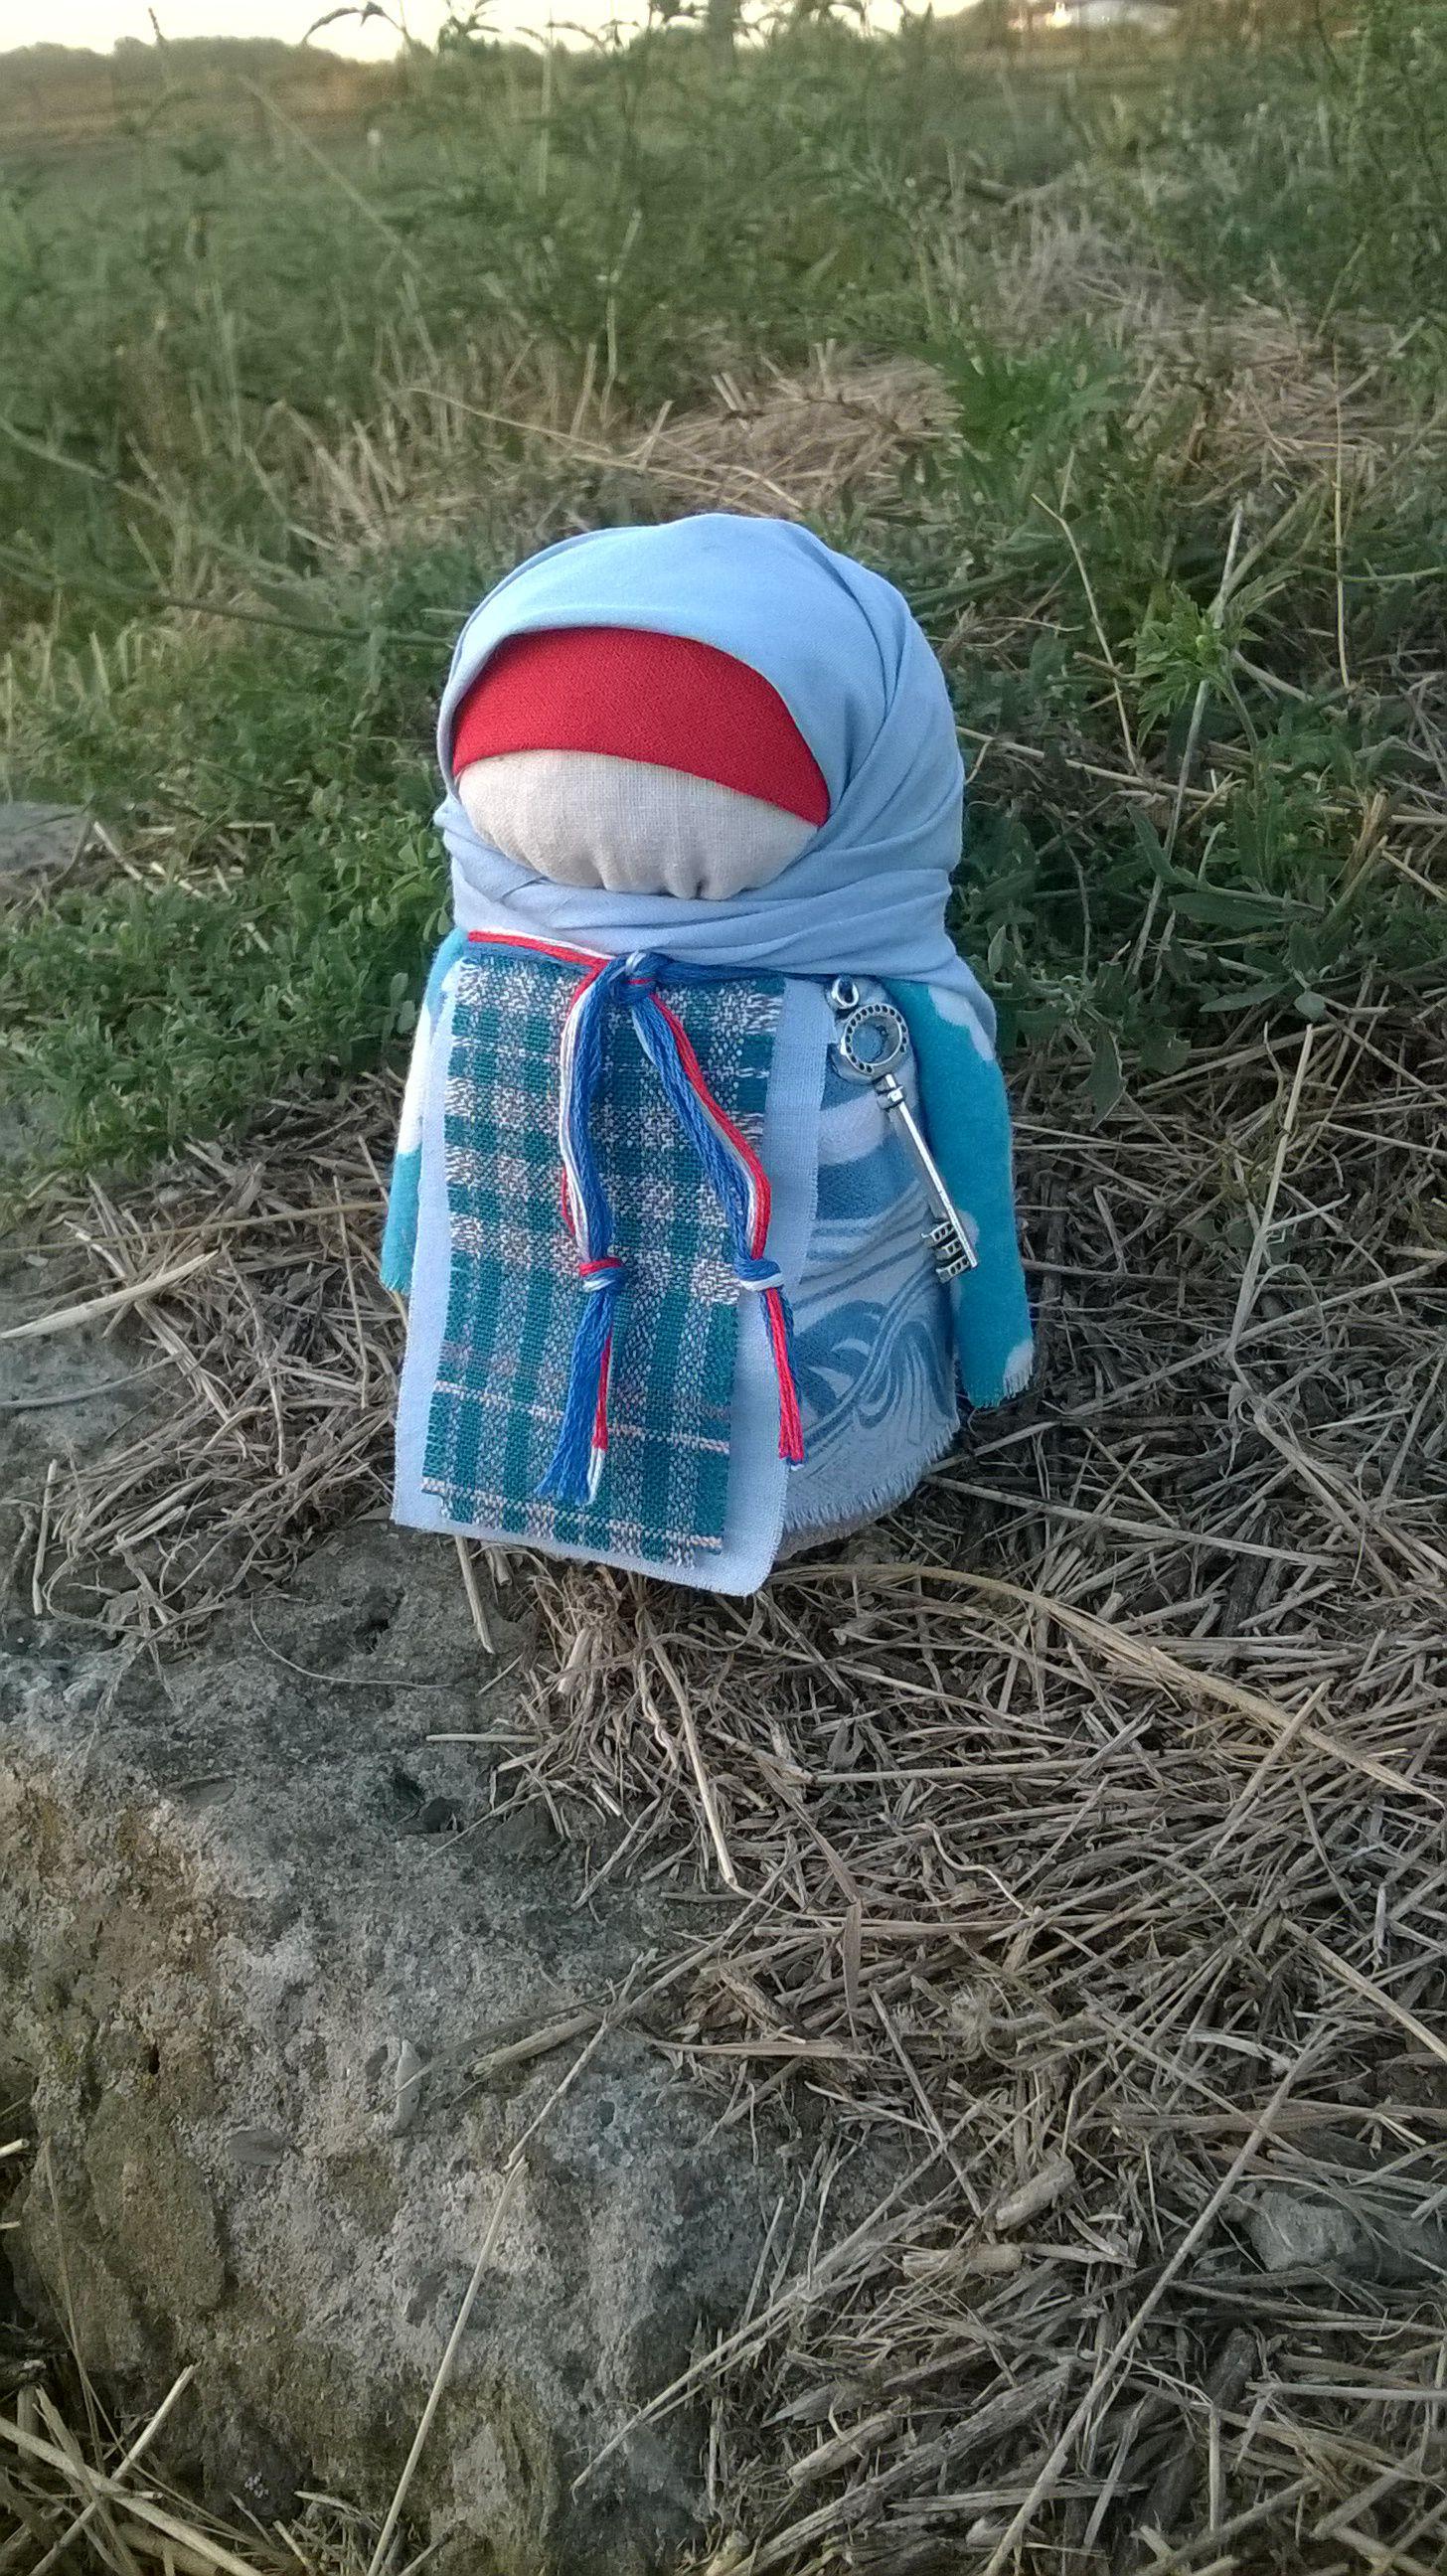 славянскаякукла крупеничка народная богачка кукла